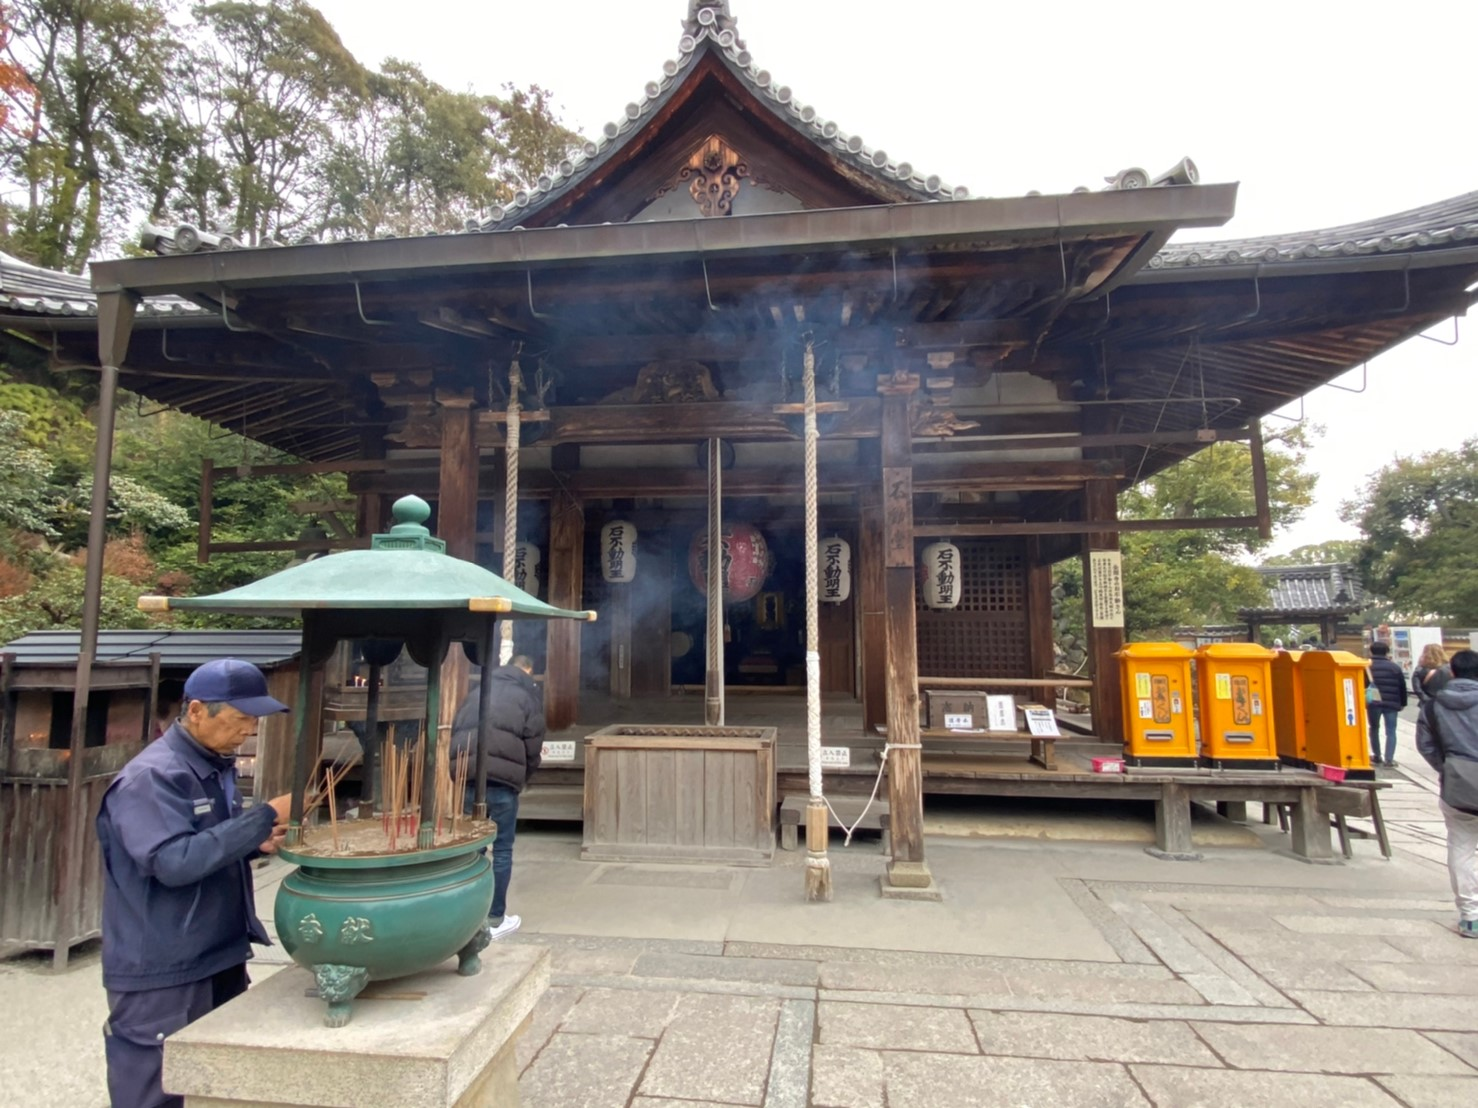 『金閣寺』を120%楽しむ観光ガイド(写真スポット・アクセス・スタンプ・駐車場)を徹底紹介